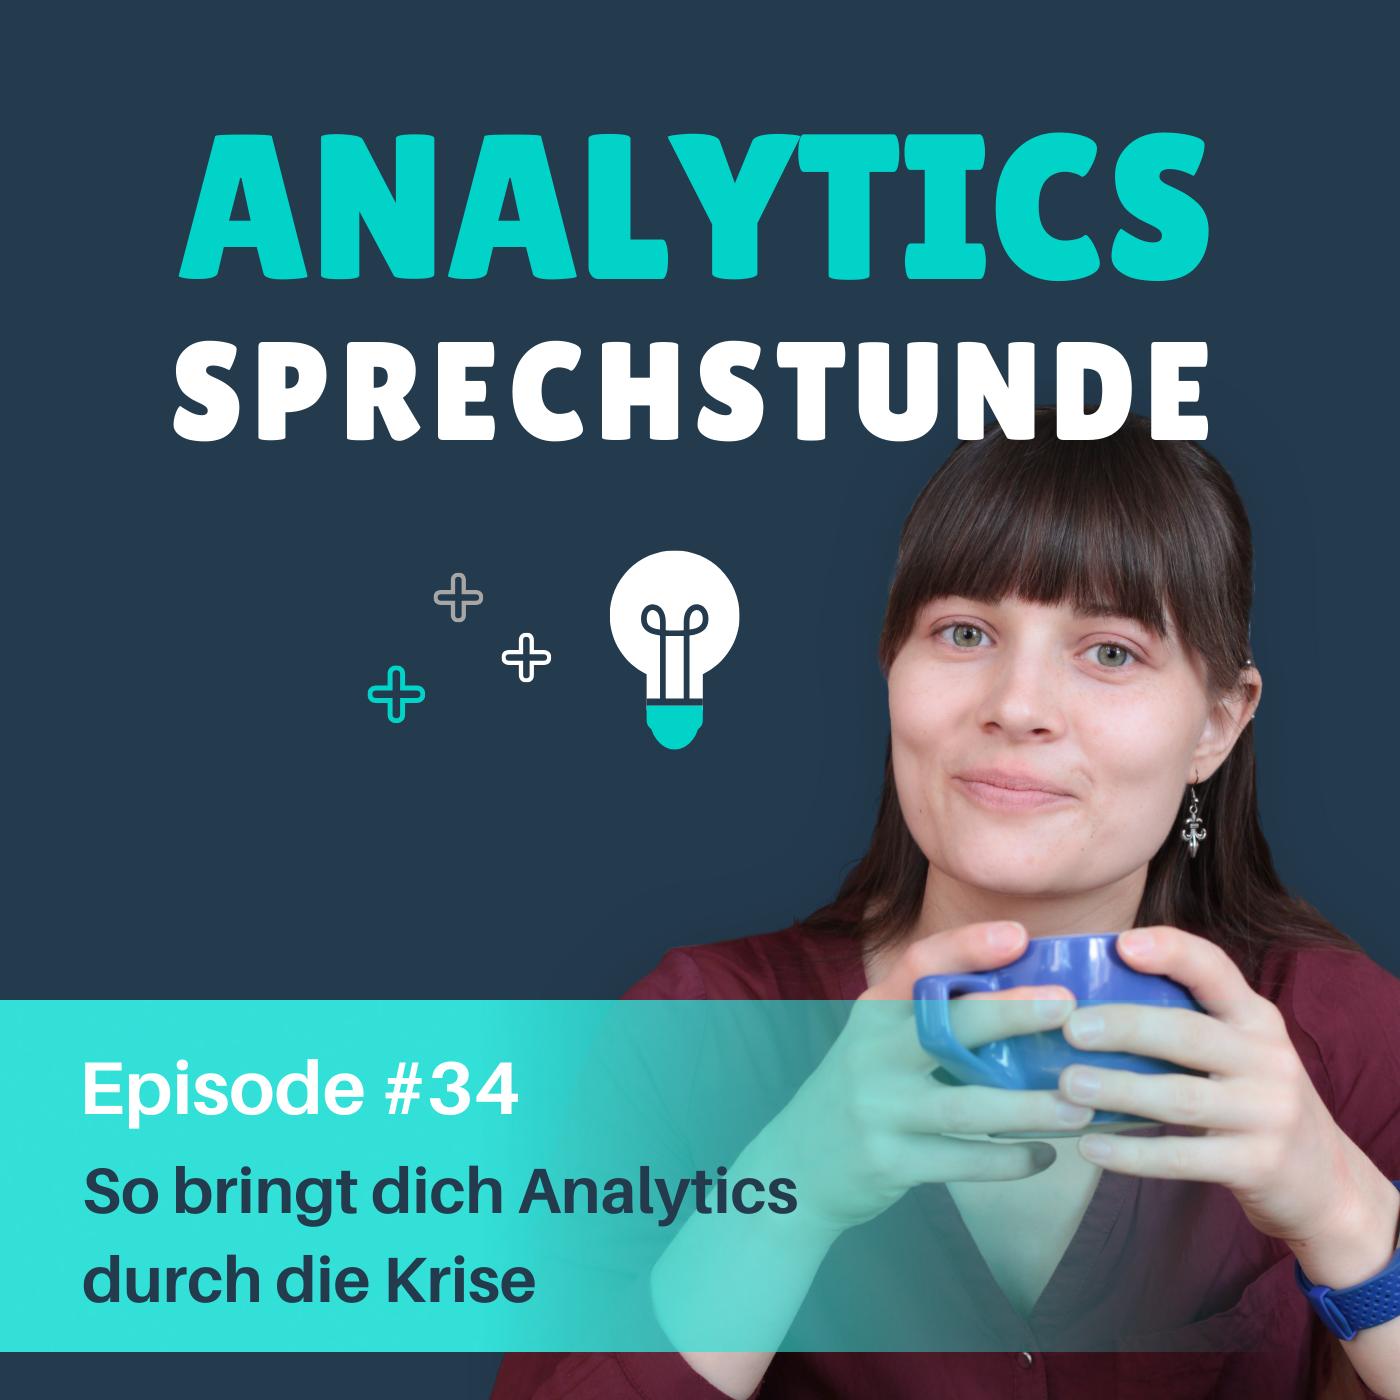 Podcast 34 - So bringt dich Analytics durch die Krise